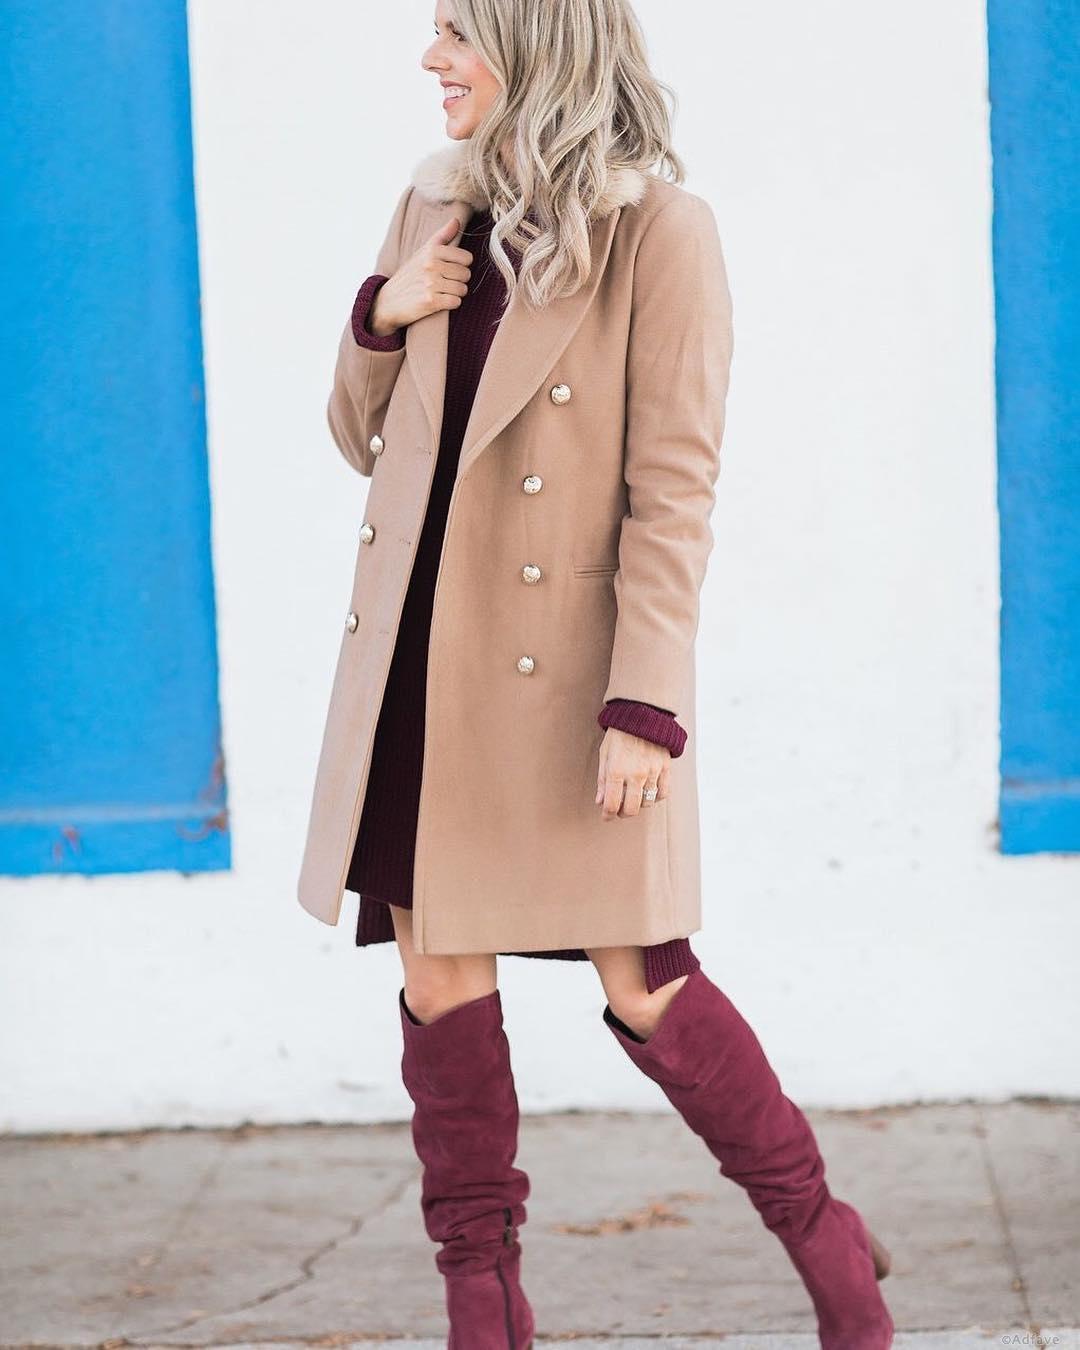 image47-3   Модные сапоги и как создать стильные образы с ними